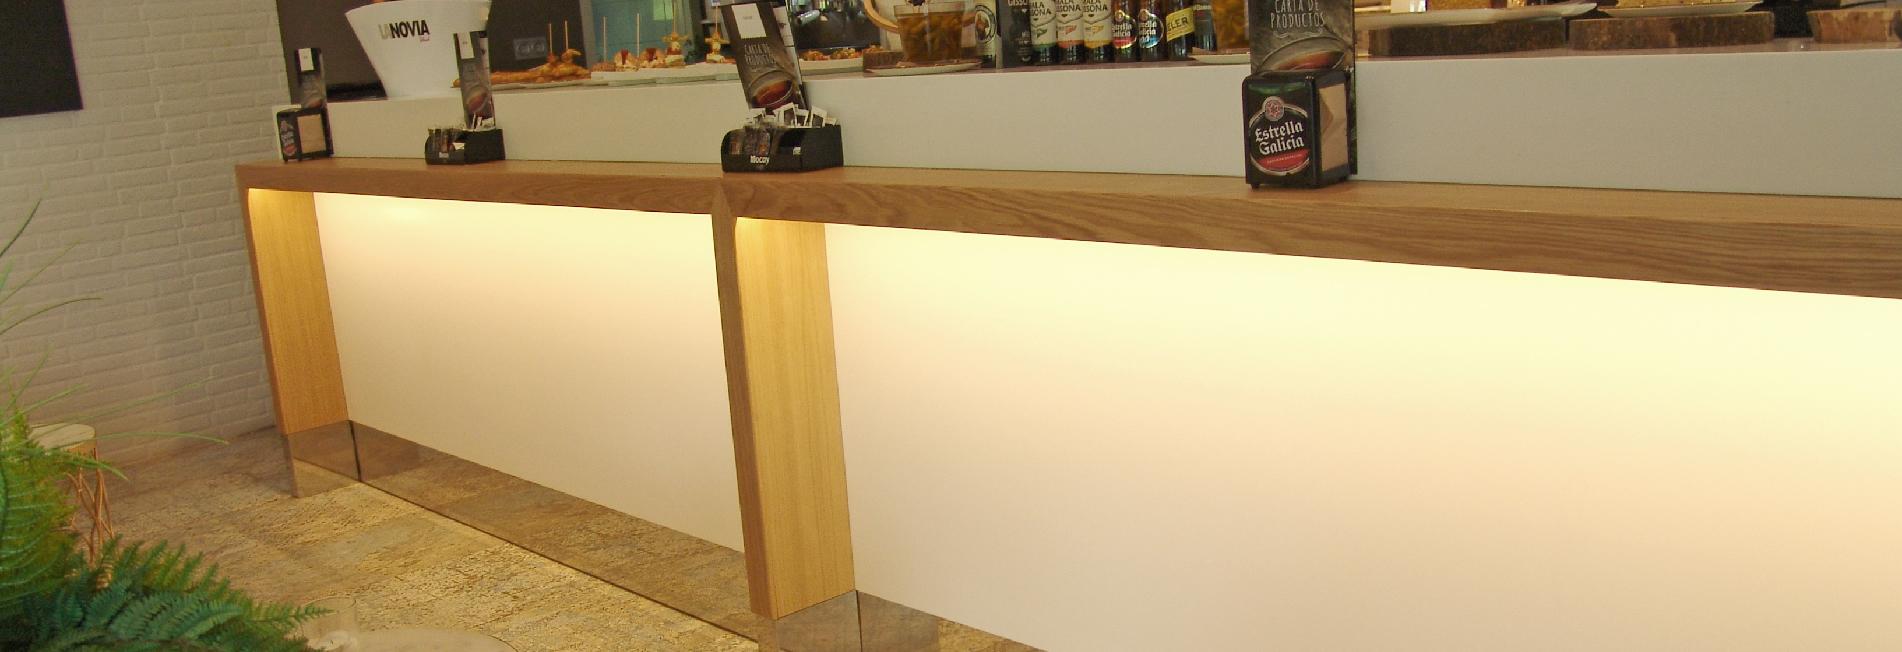 Cianco trabajó junto al decorador e interiorista Alfonso Moreno Salomé en la reforma y decoración de la Cafetería Asador Tximistarri en Donostia - San Sebastián